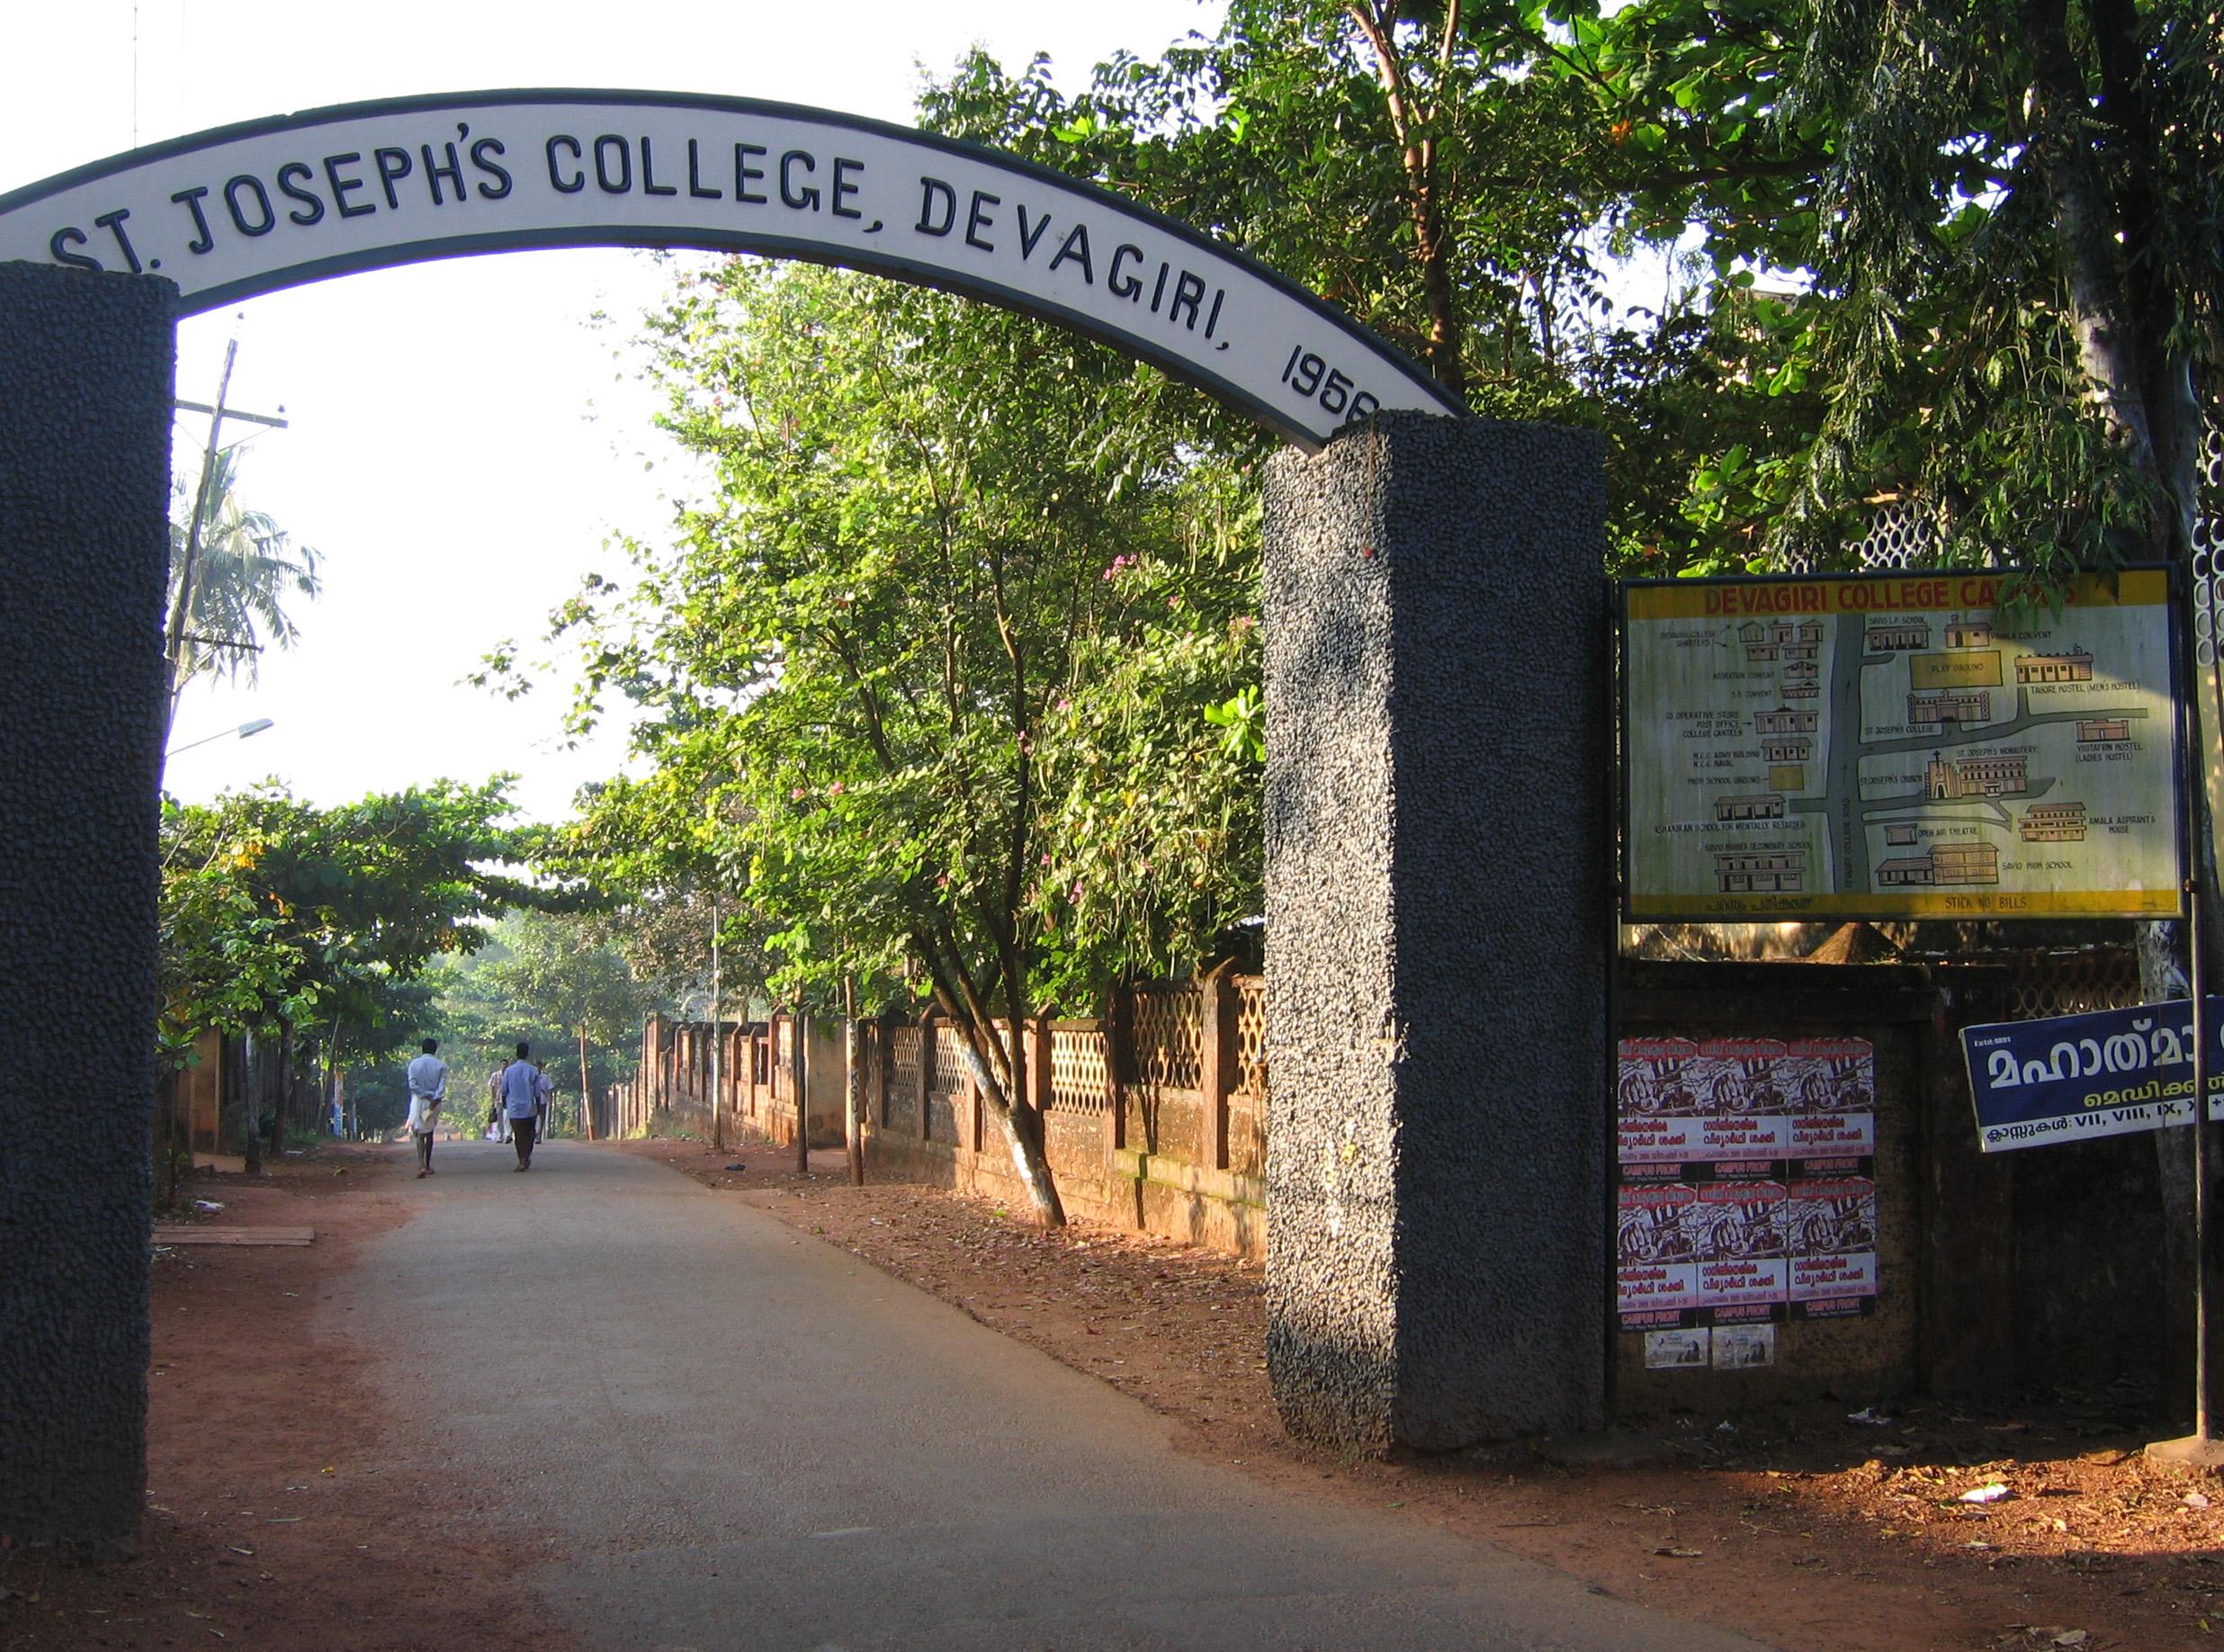 File:Entrance to St. Joseph's College, Devagiri, Kozhikode.jpg ...